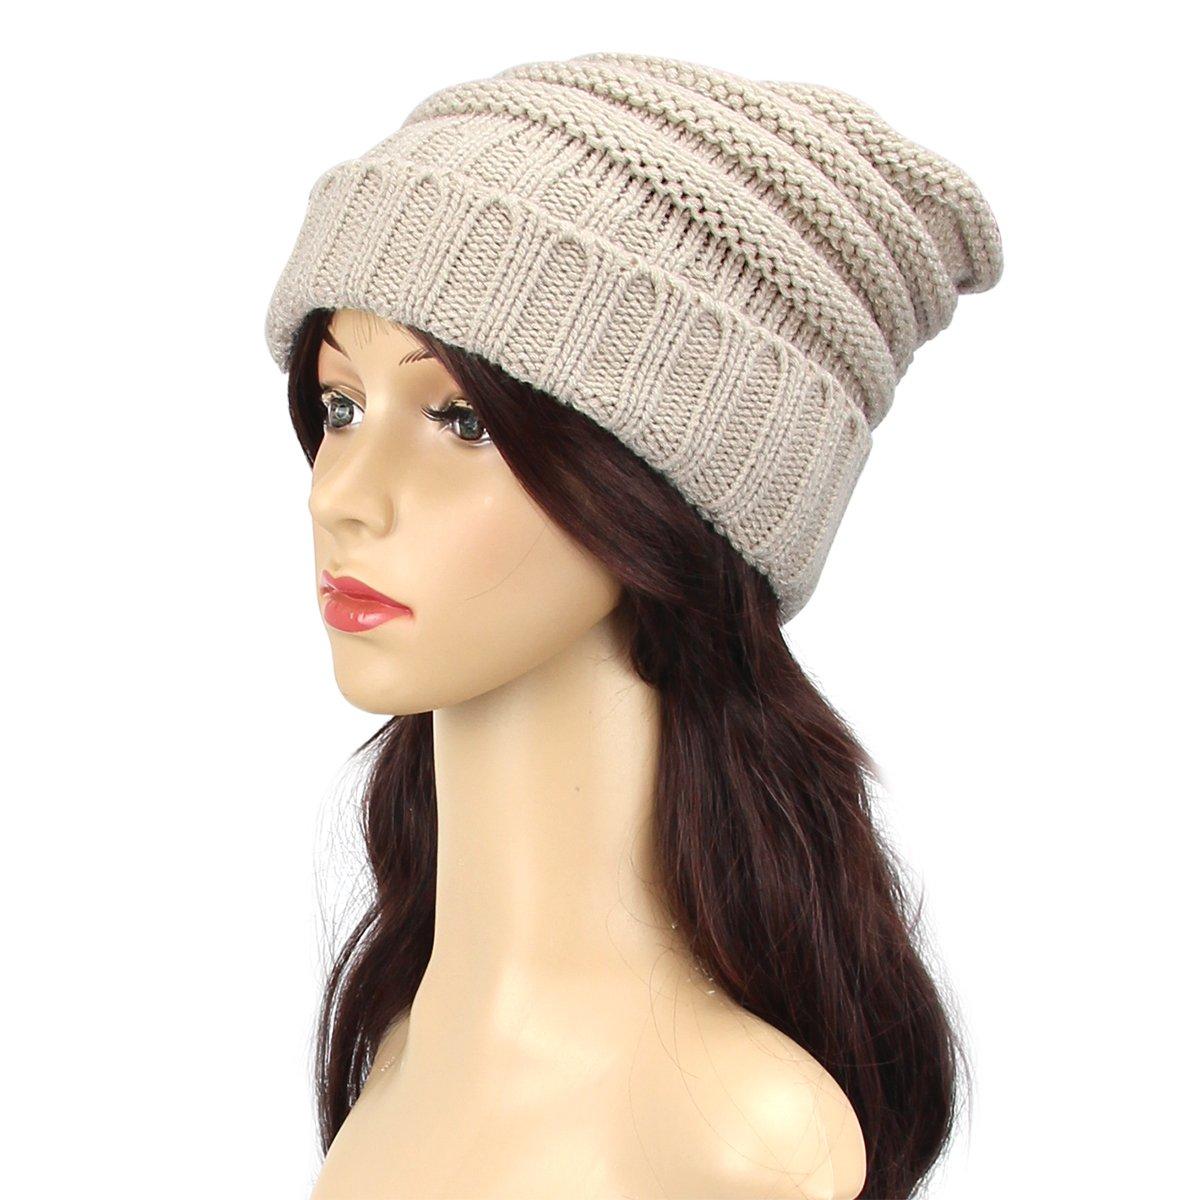 Aszune Warm Beanie Cap Oversized Knitting Hat Unisex Wool Cap (Beige)